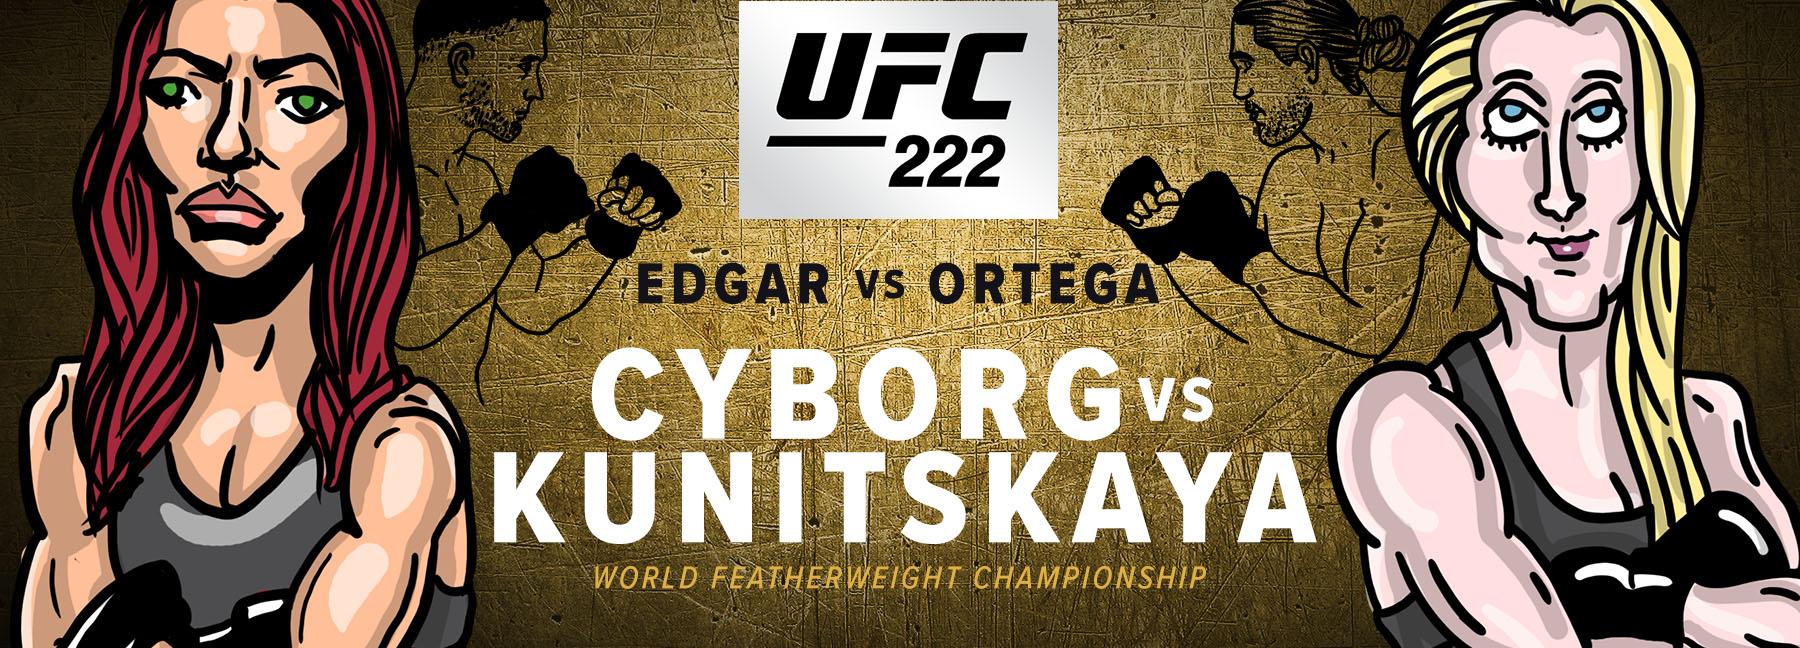 180303-UFC222-HZ.jpg